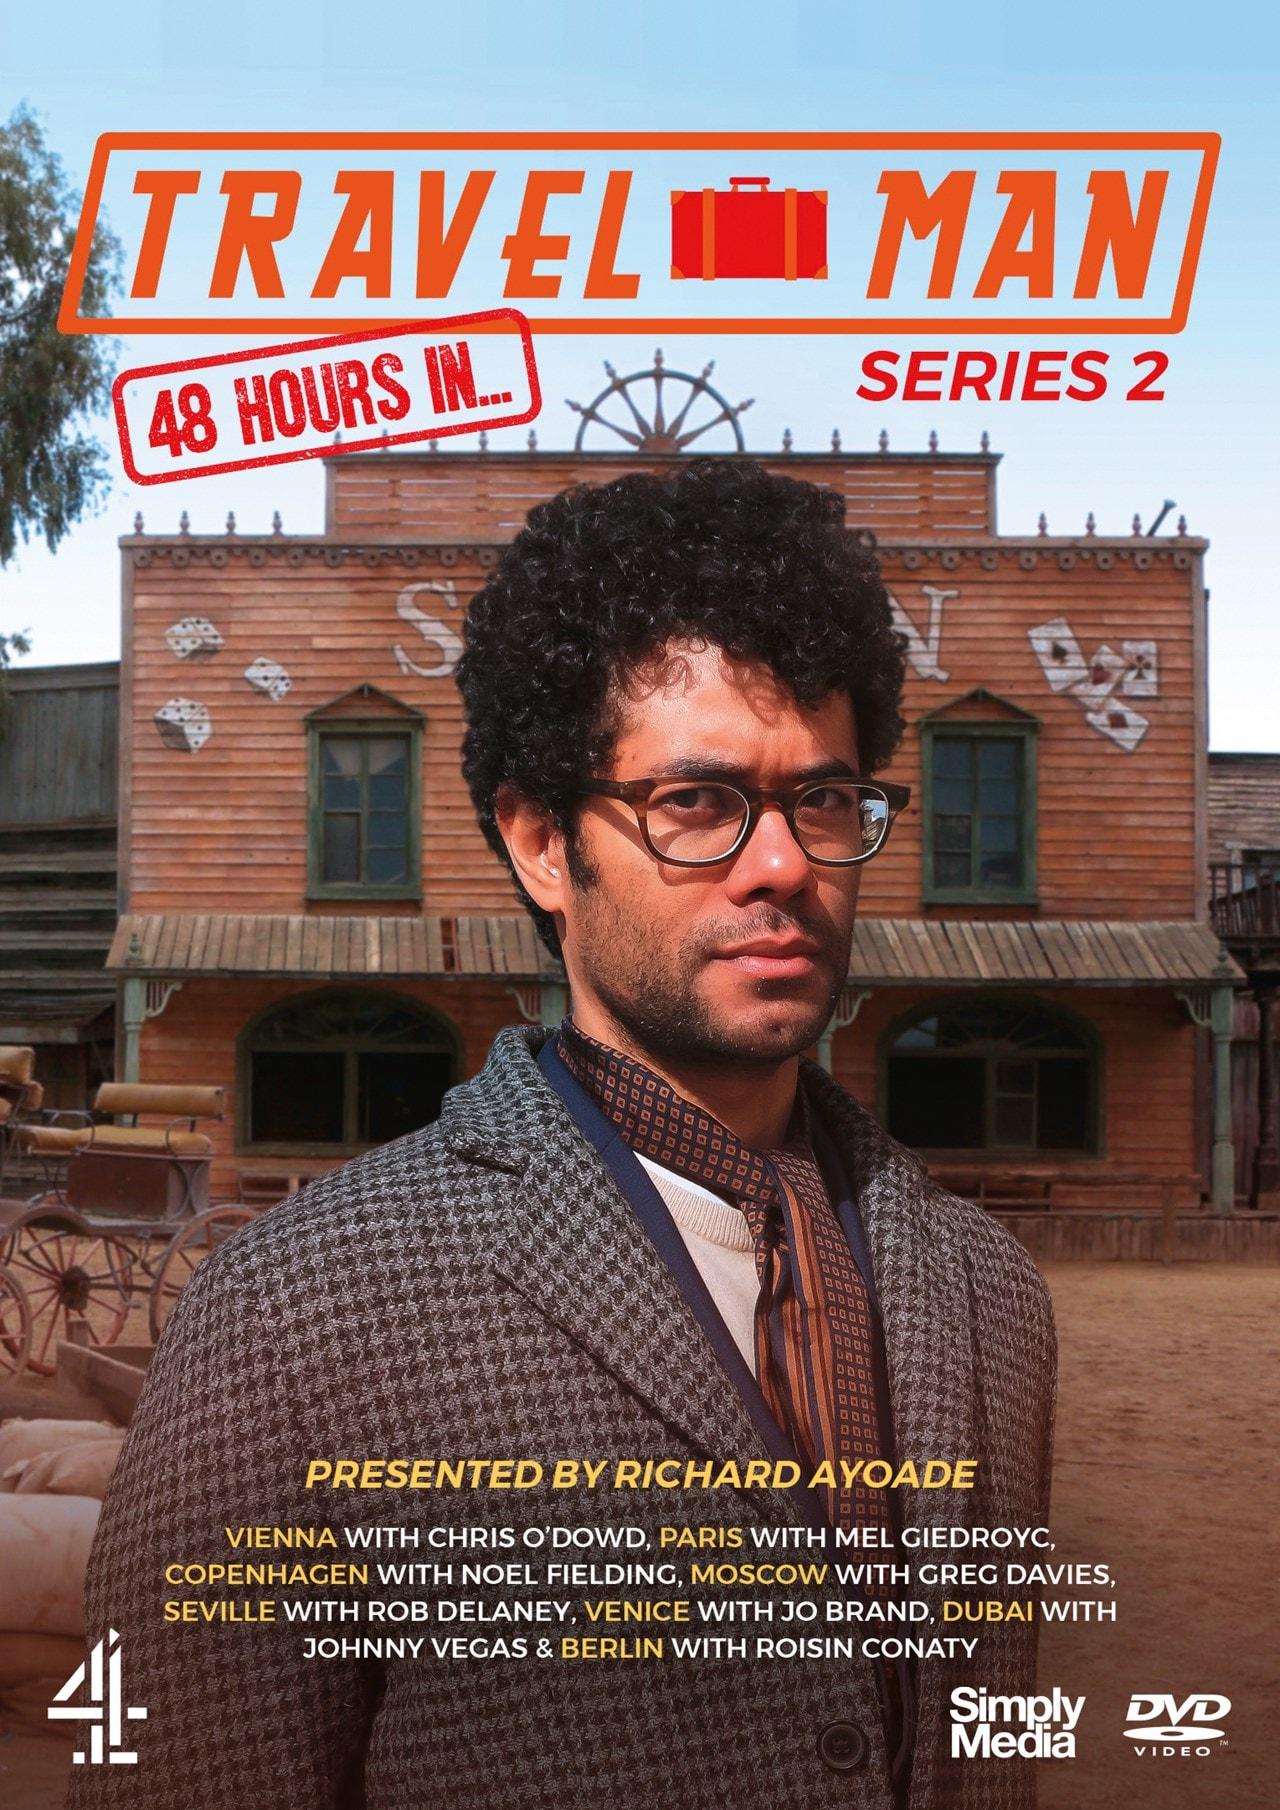 Travel Man: Series 2 - 1